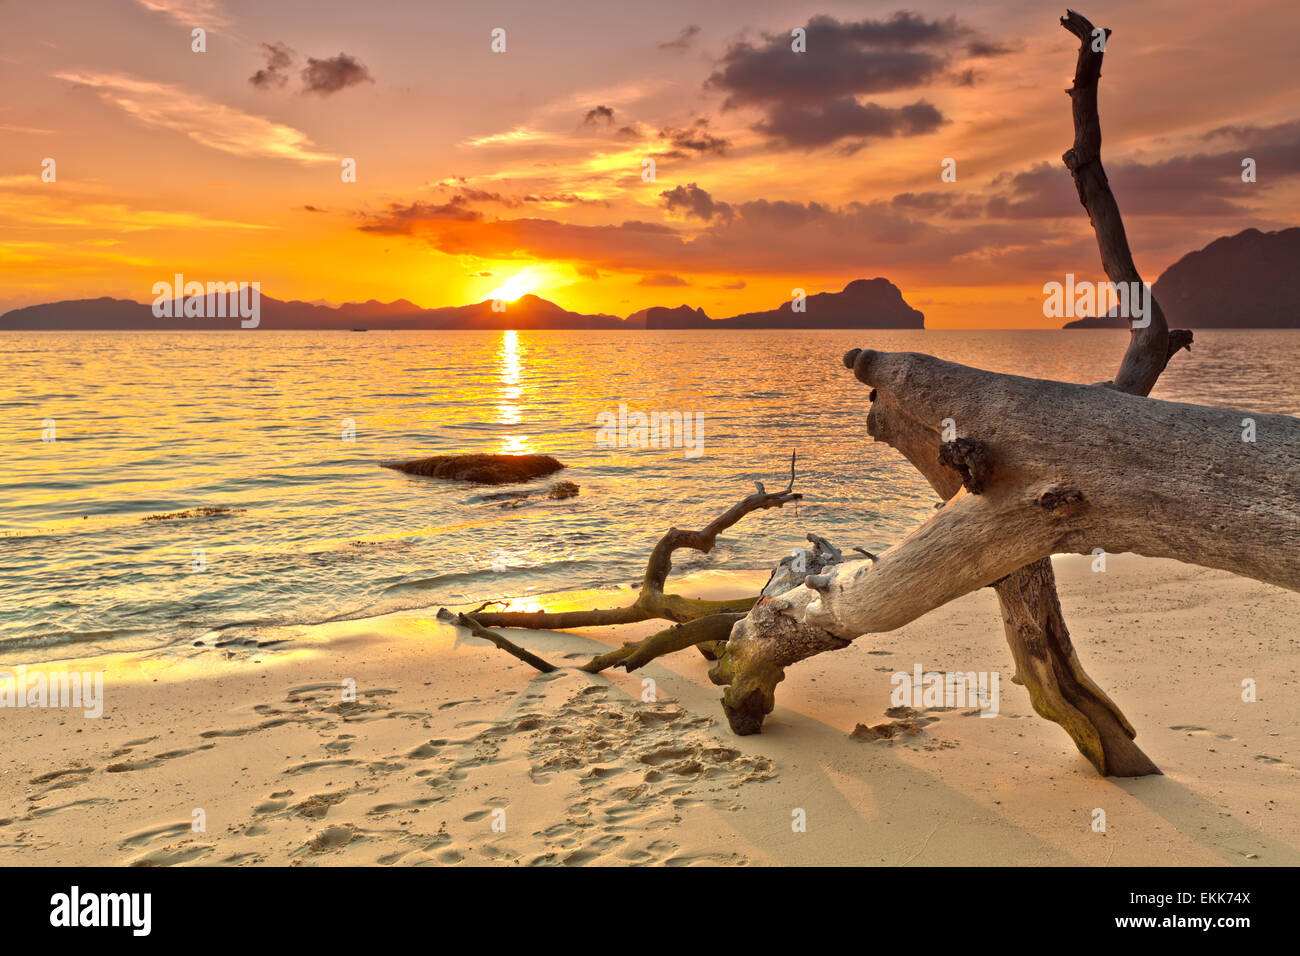 Puesta de sol en la isla. Árbol Seco en primer plano Imagen De Stock